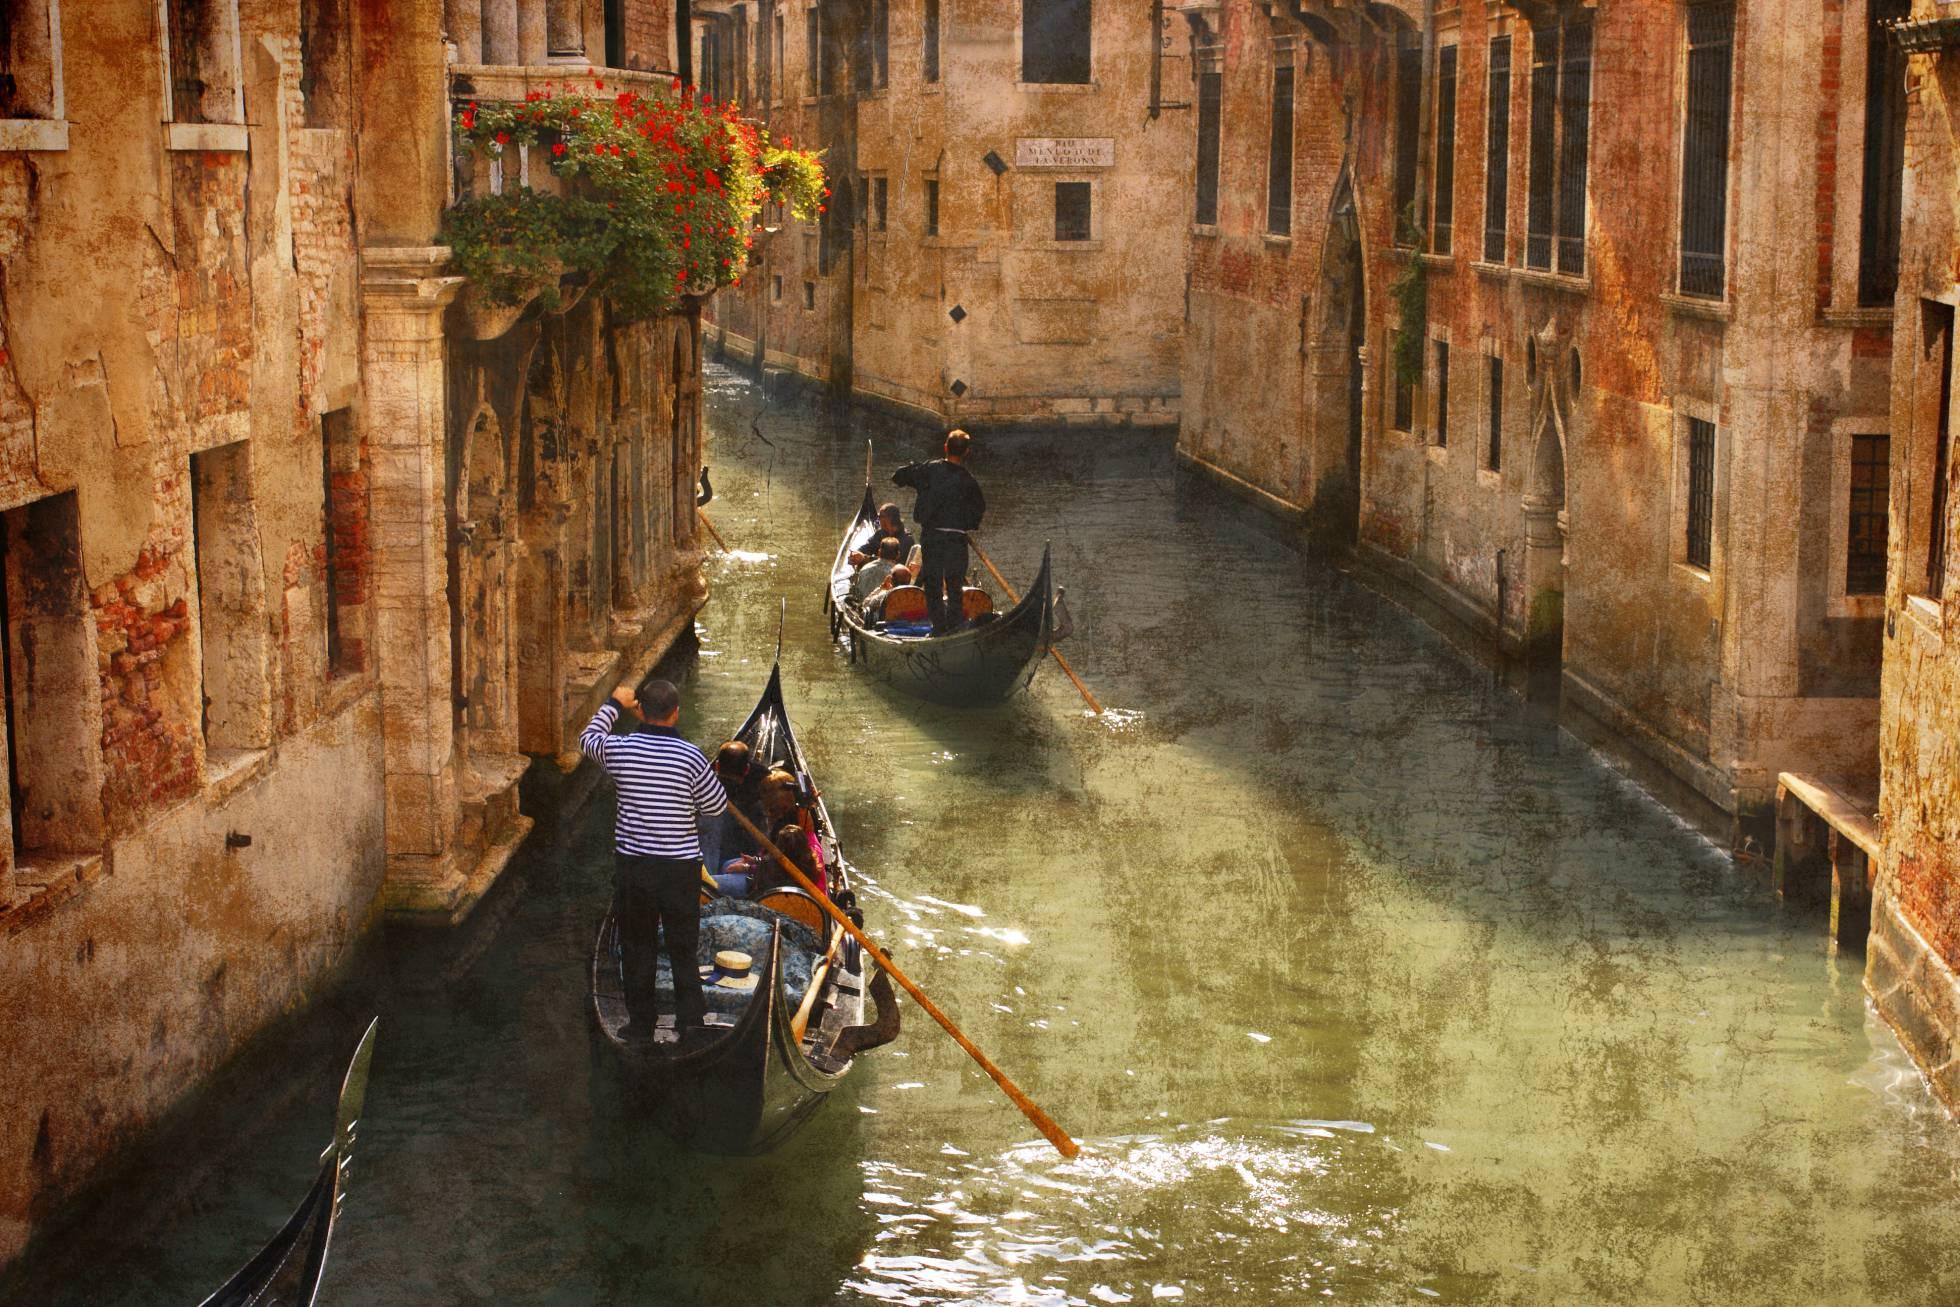 Cuando Jan Morris (1926) llegó a Venecia a finales de los cincuenta no pudo sustraerse al voluptuoso encanto que emanaba.